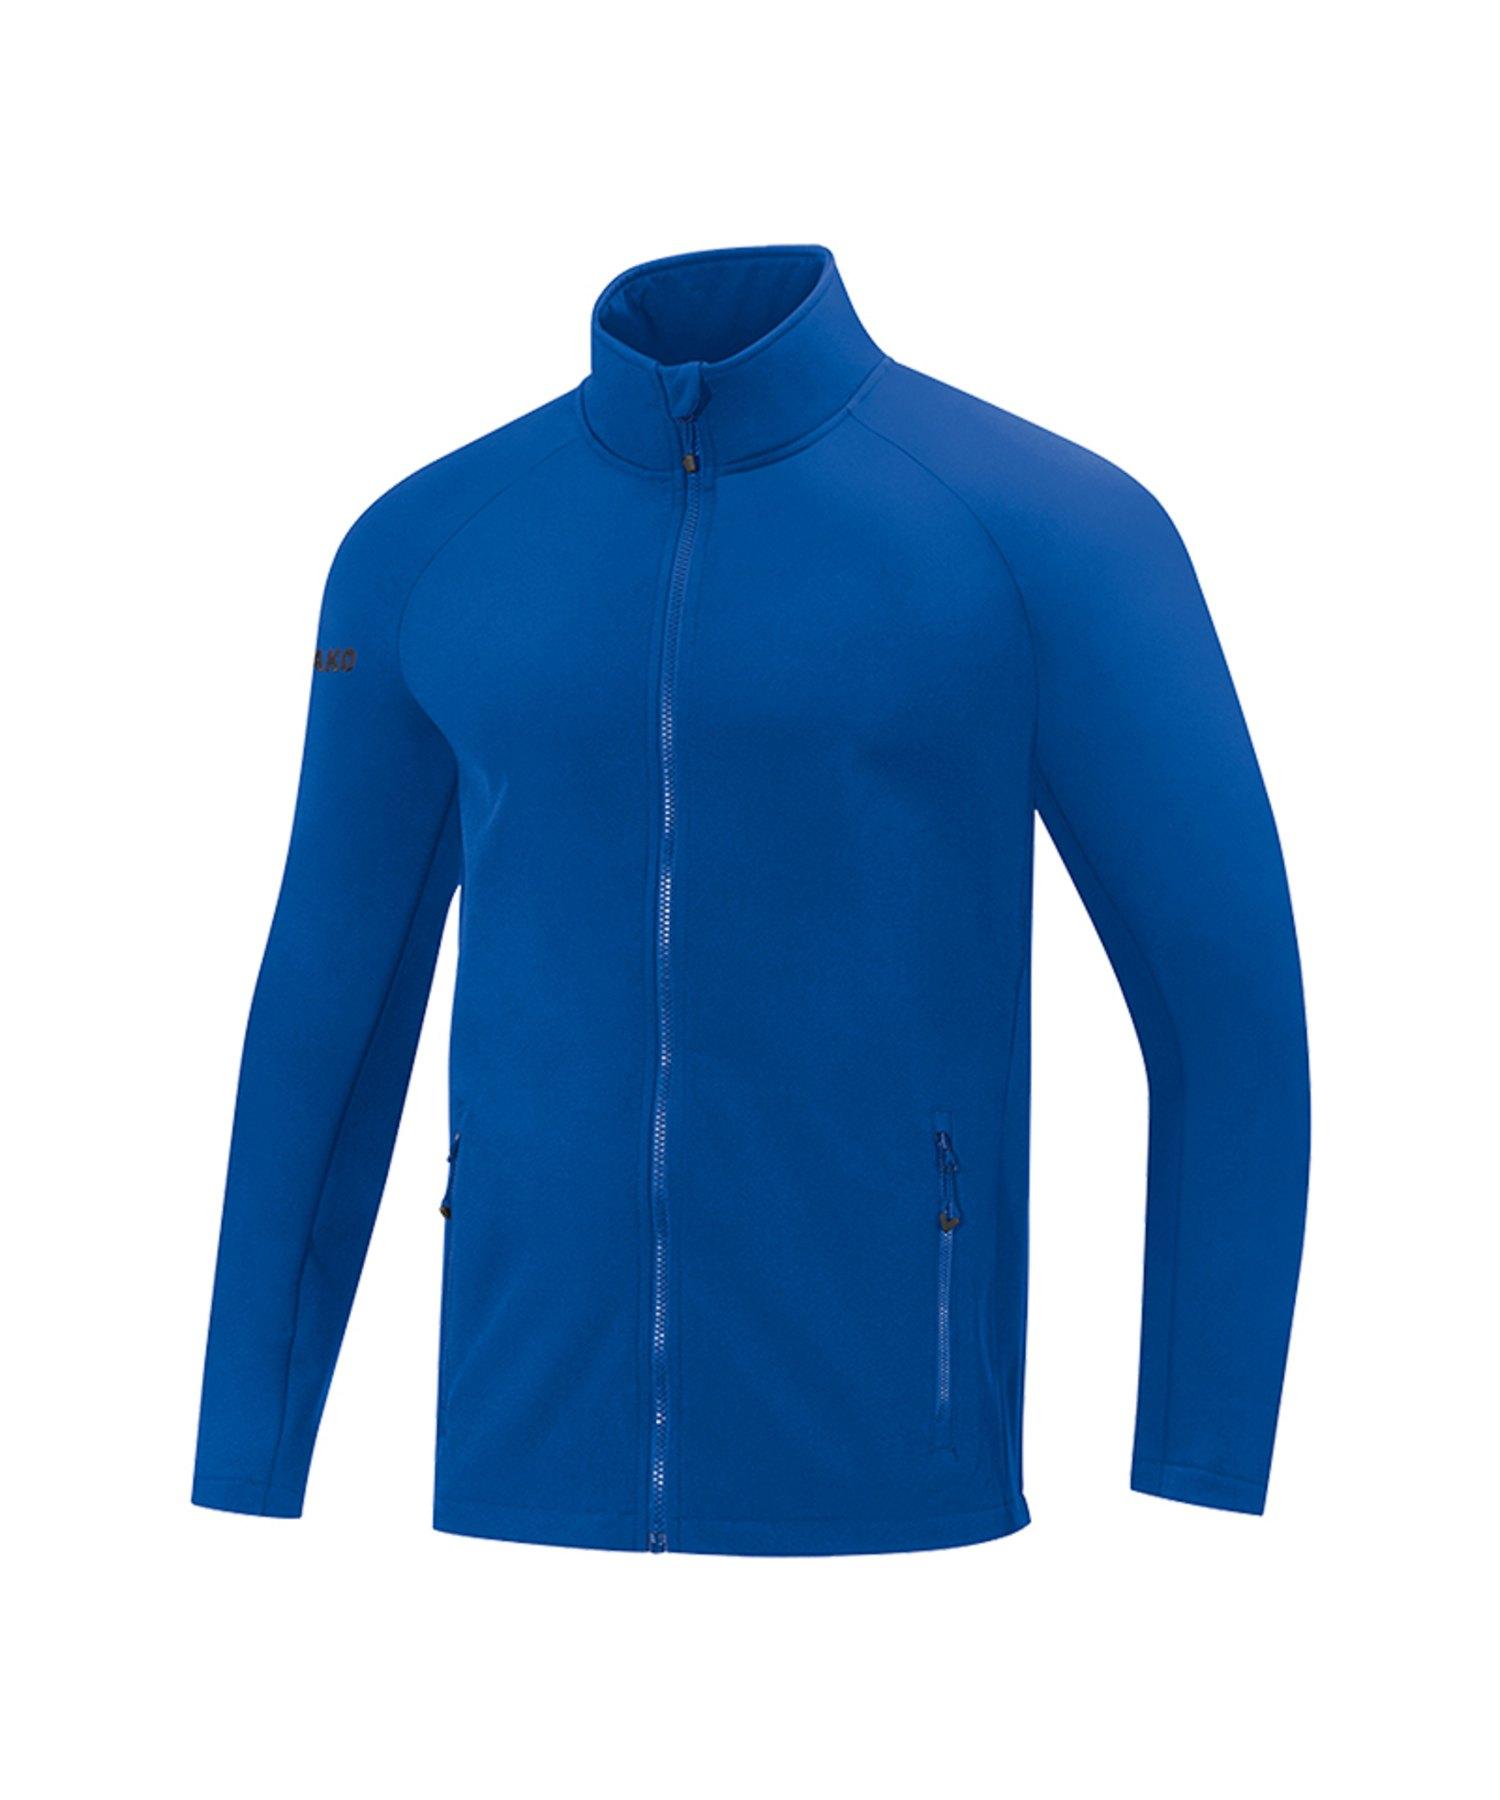 Jako Team Softshelljacke Blau F04 - Blau